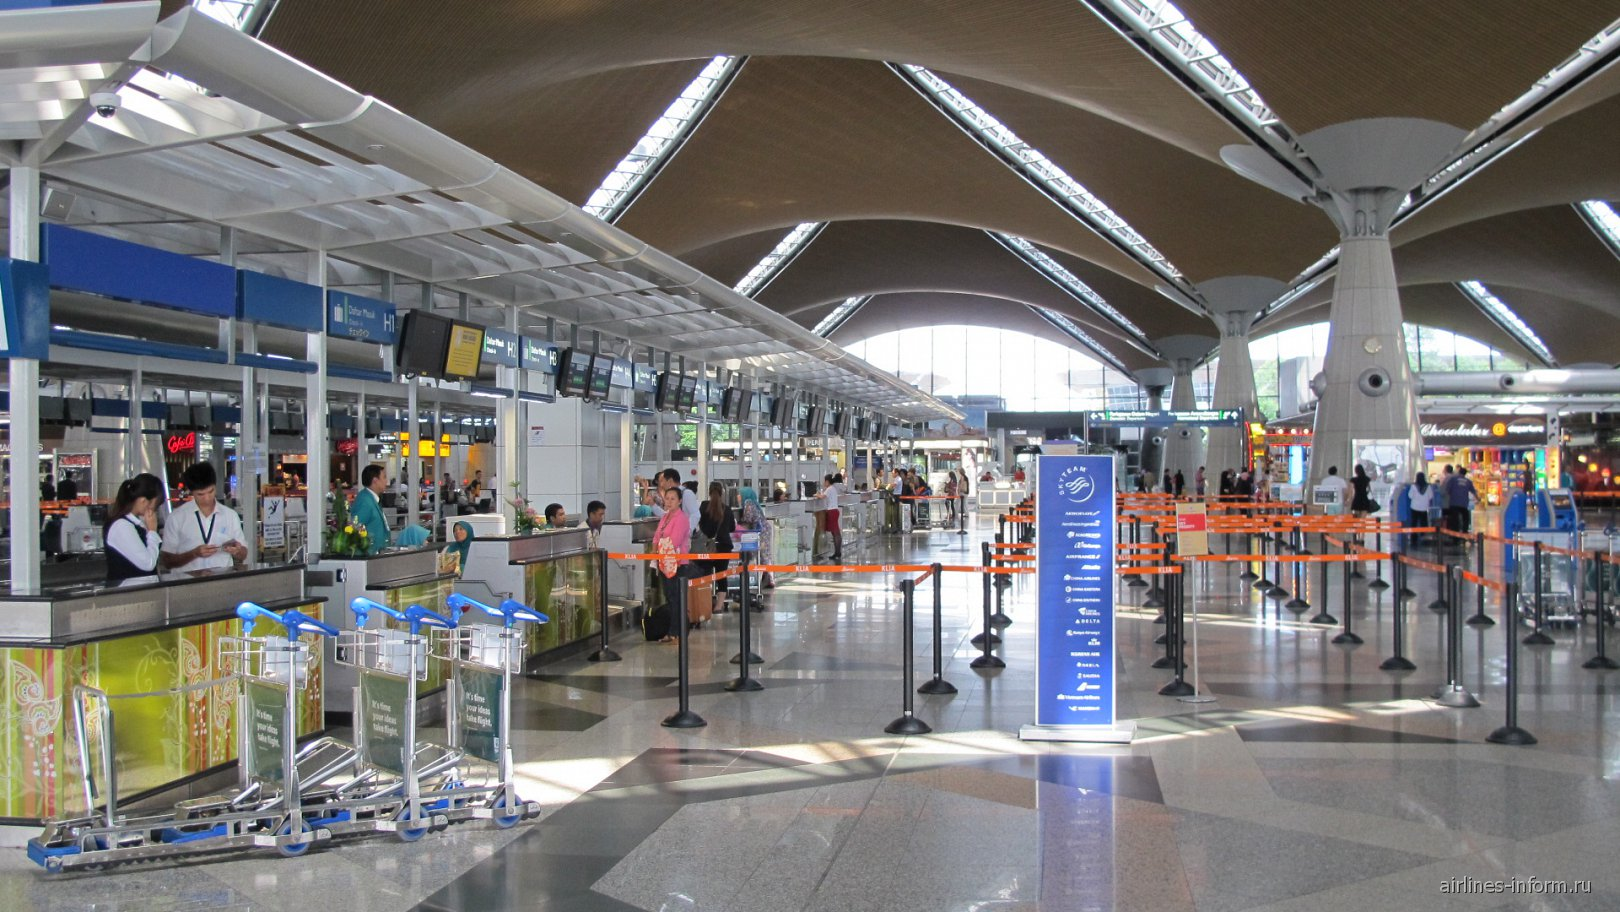 Стойки регистрации в основном терминале аэропорта Куала-Лумпур